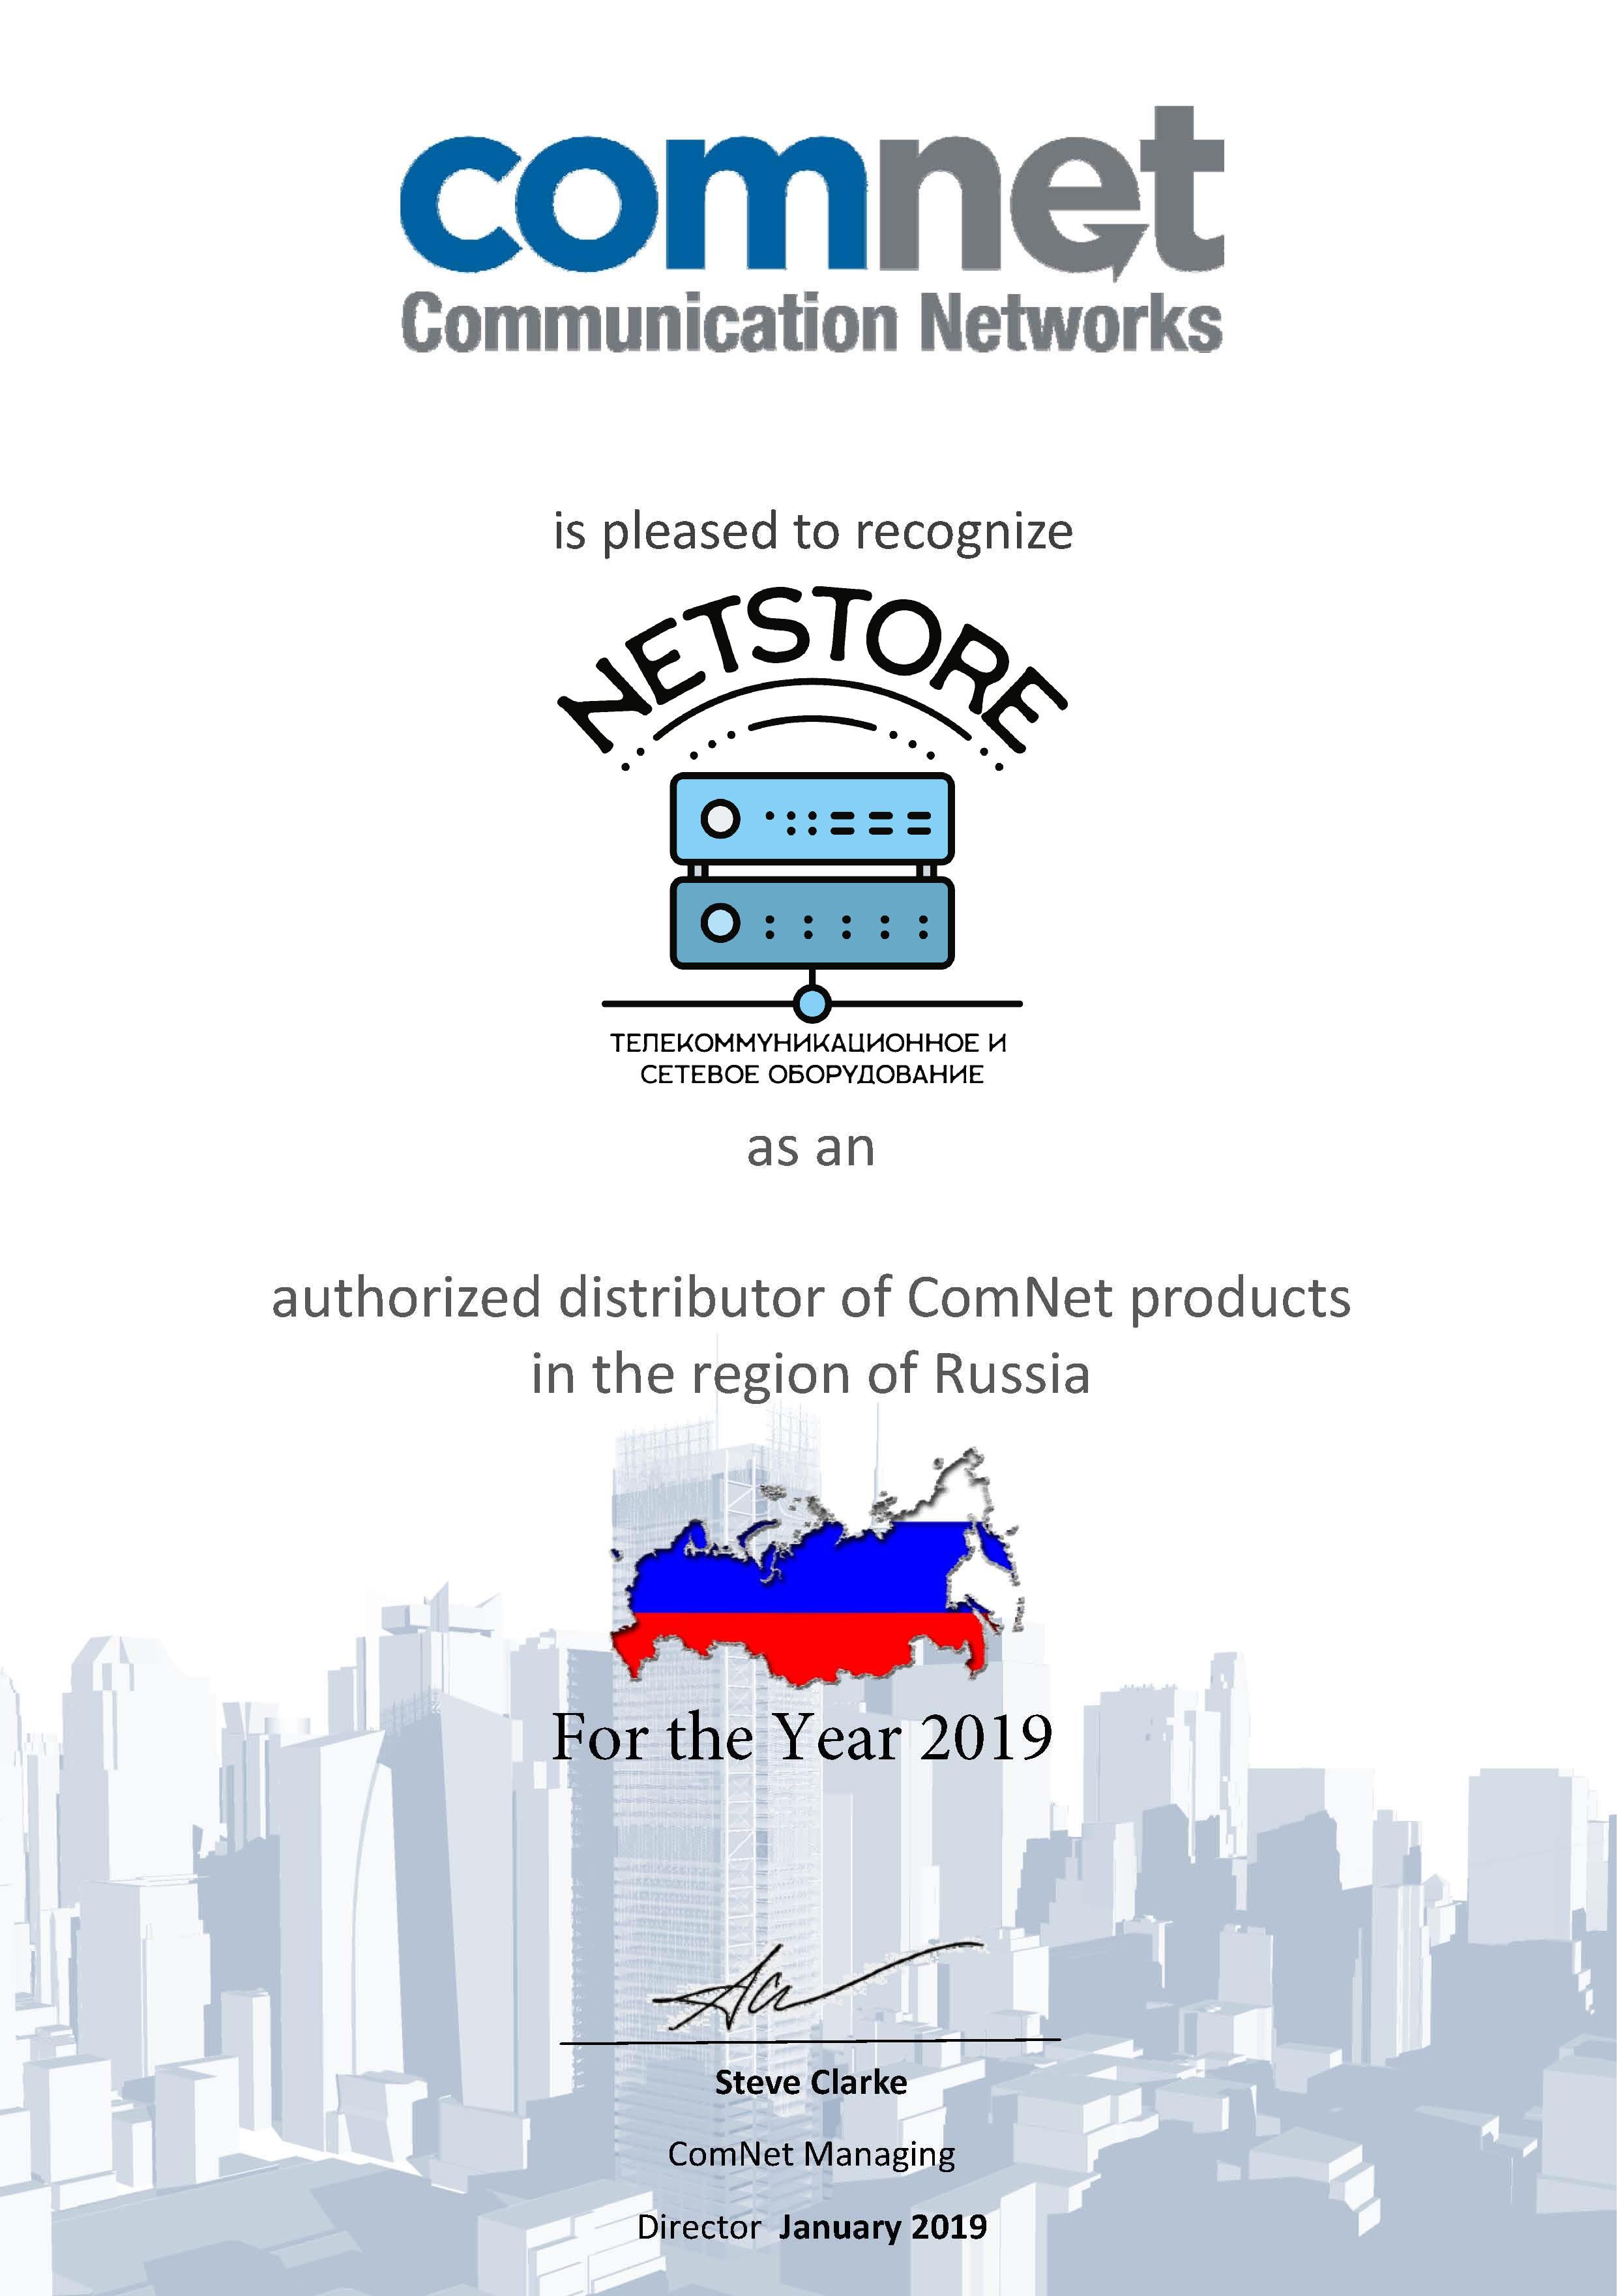 Netstore - официальный дистрибьютор ComNet